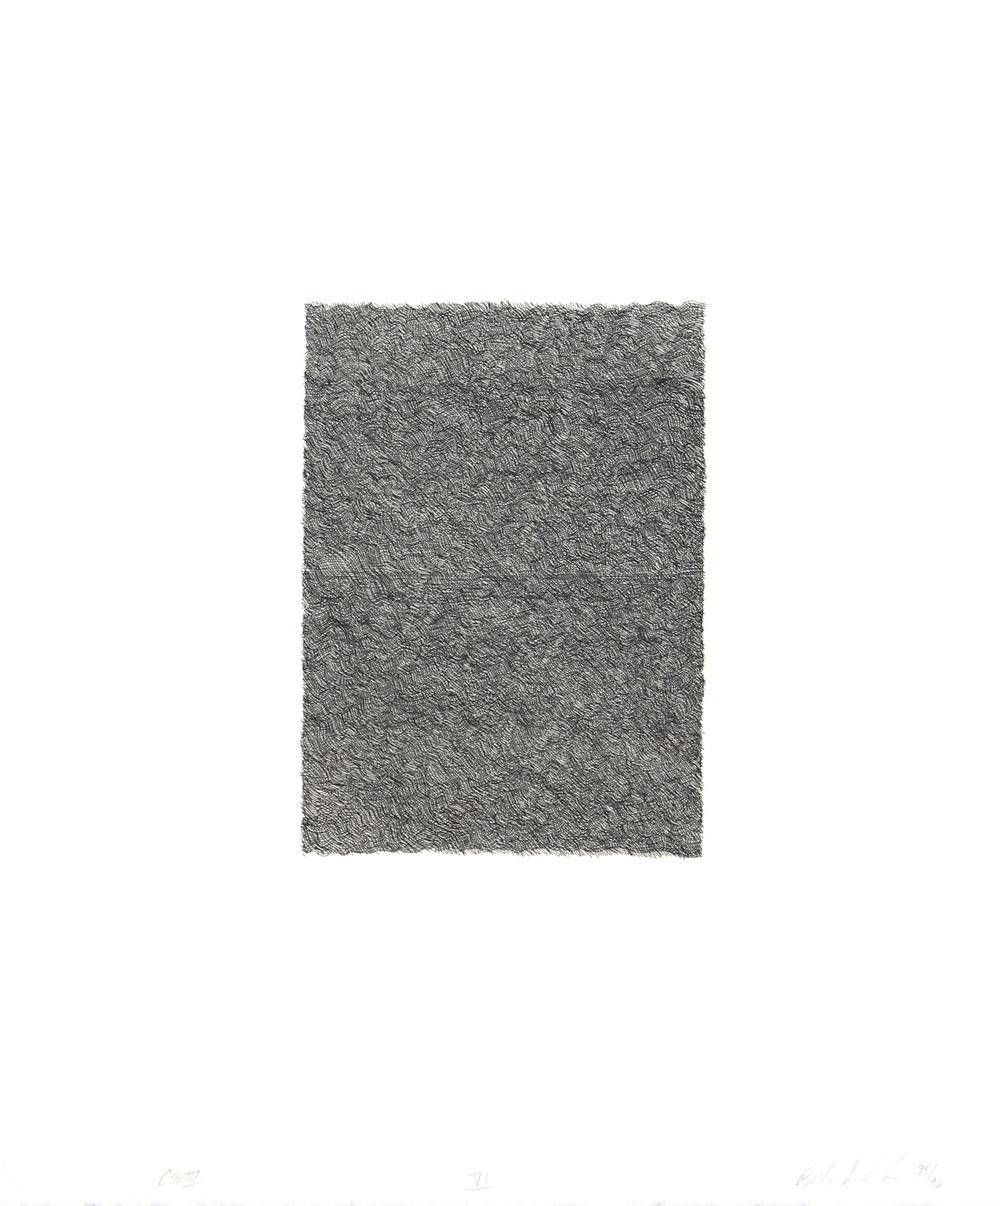 Quantum Gray VI